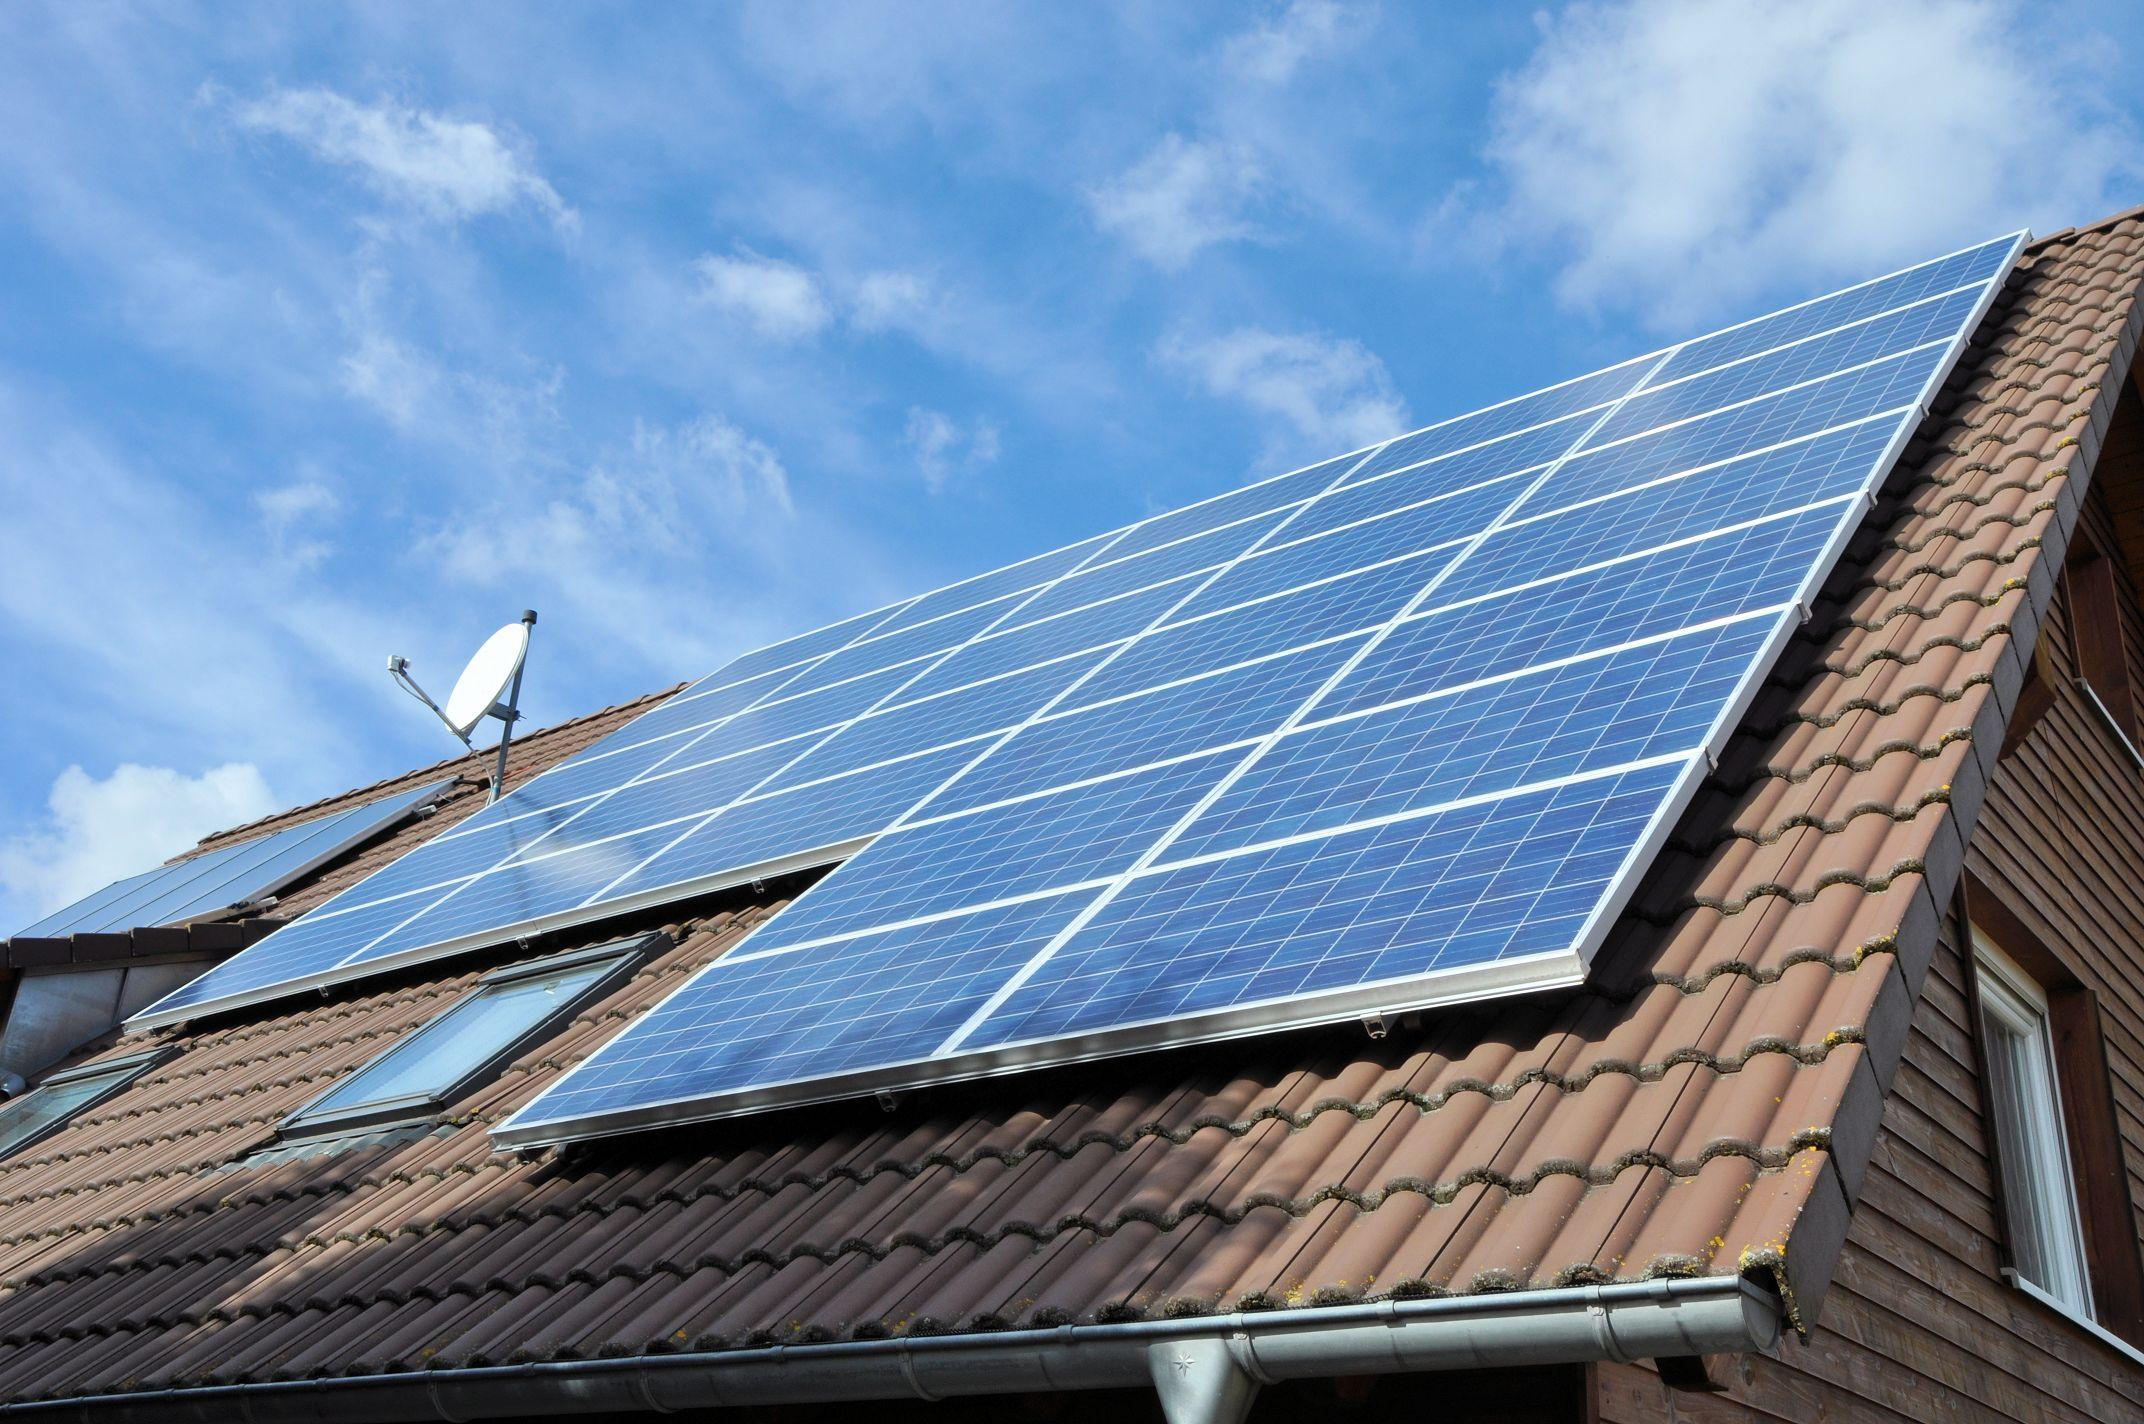 兰州屋顶太阳能发电系统安装